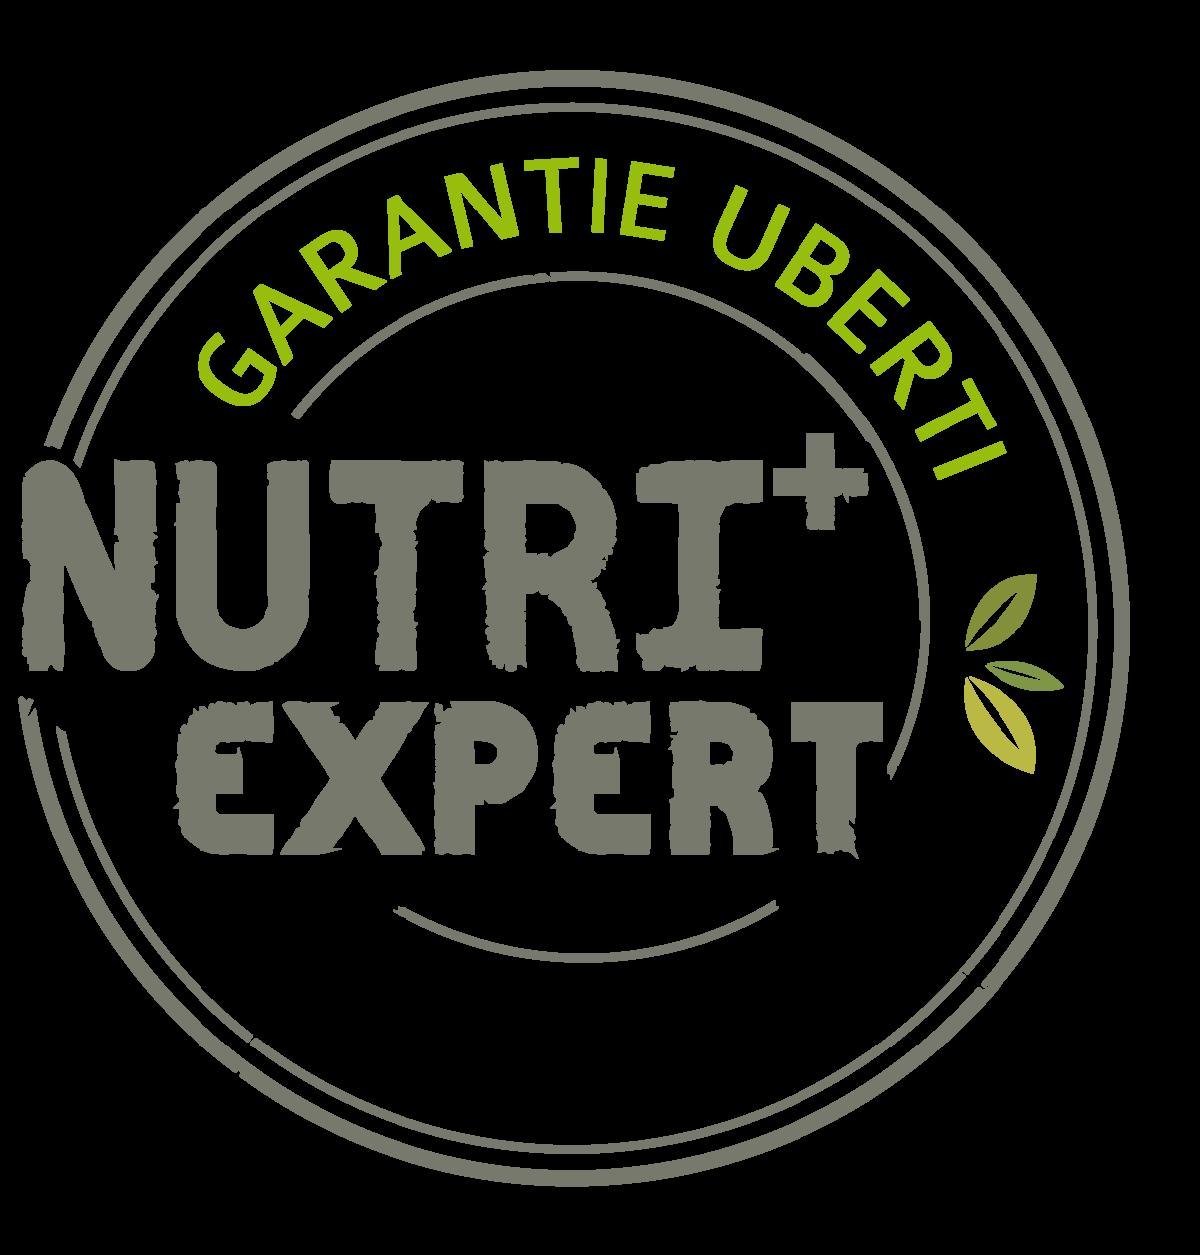 Nutri+ expert by Uberti